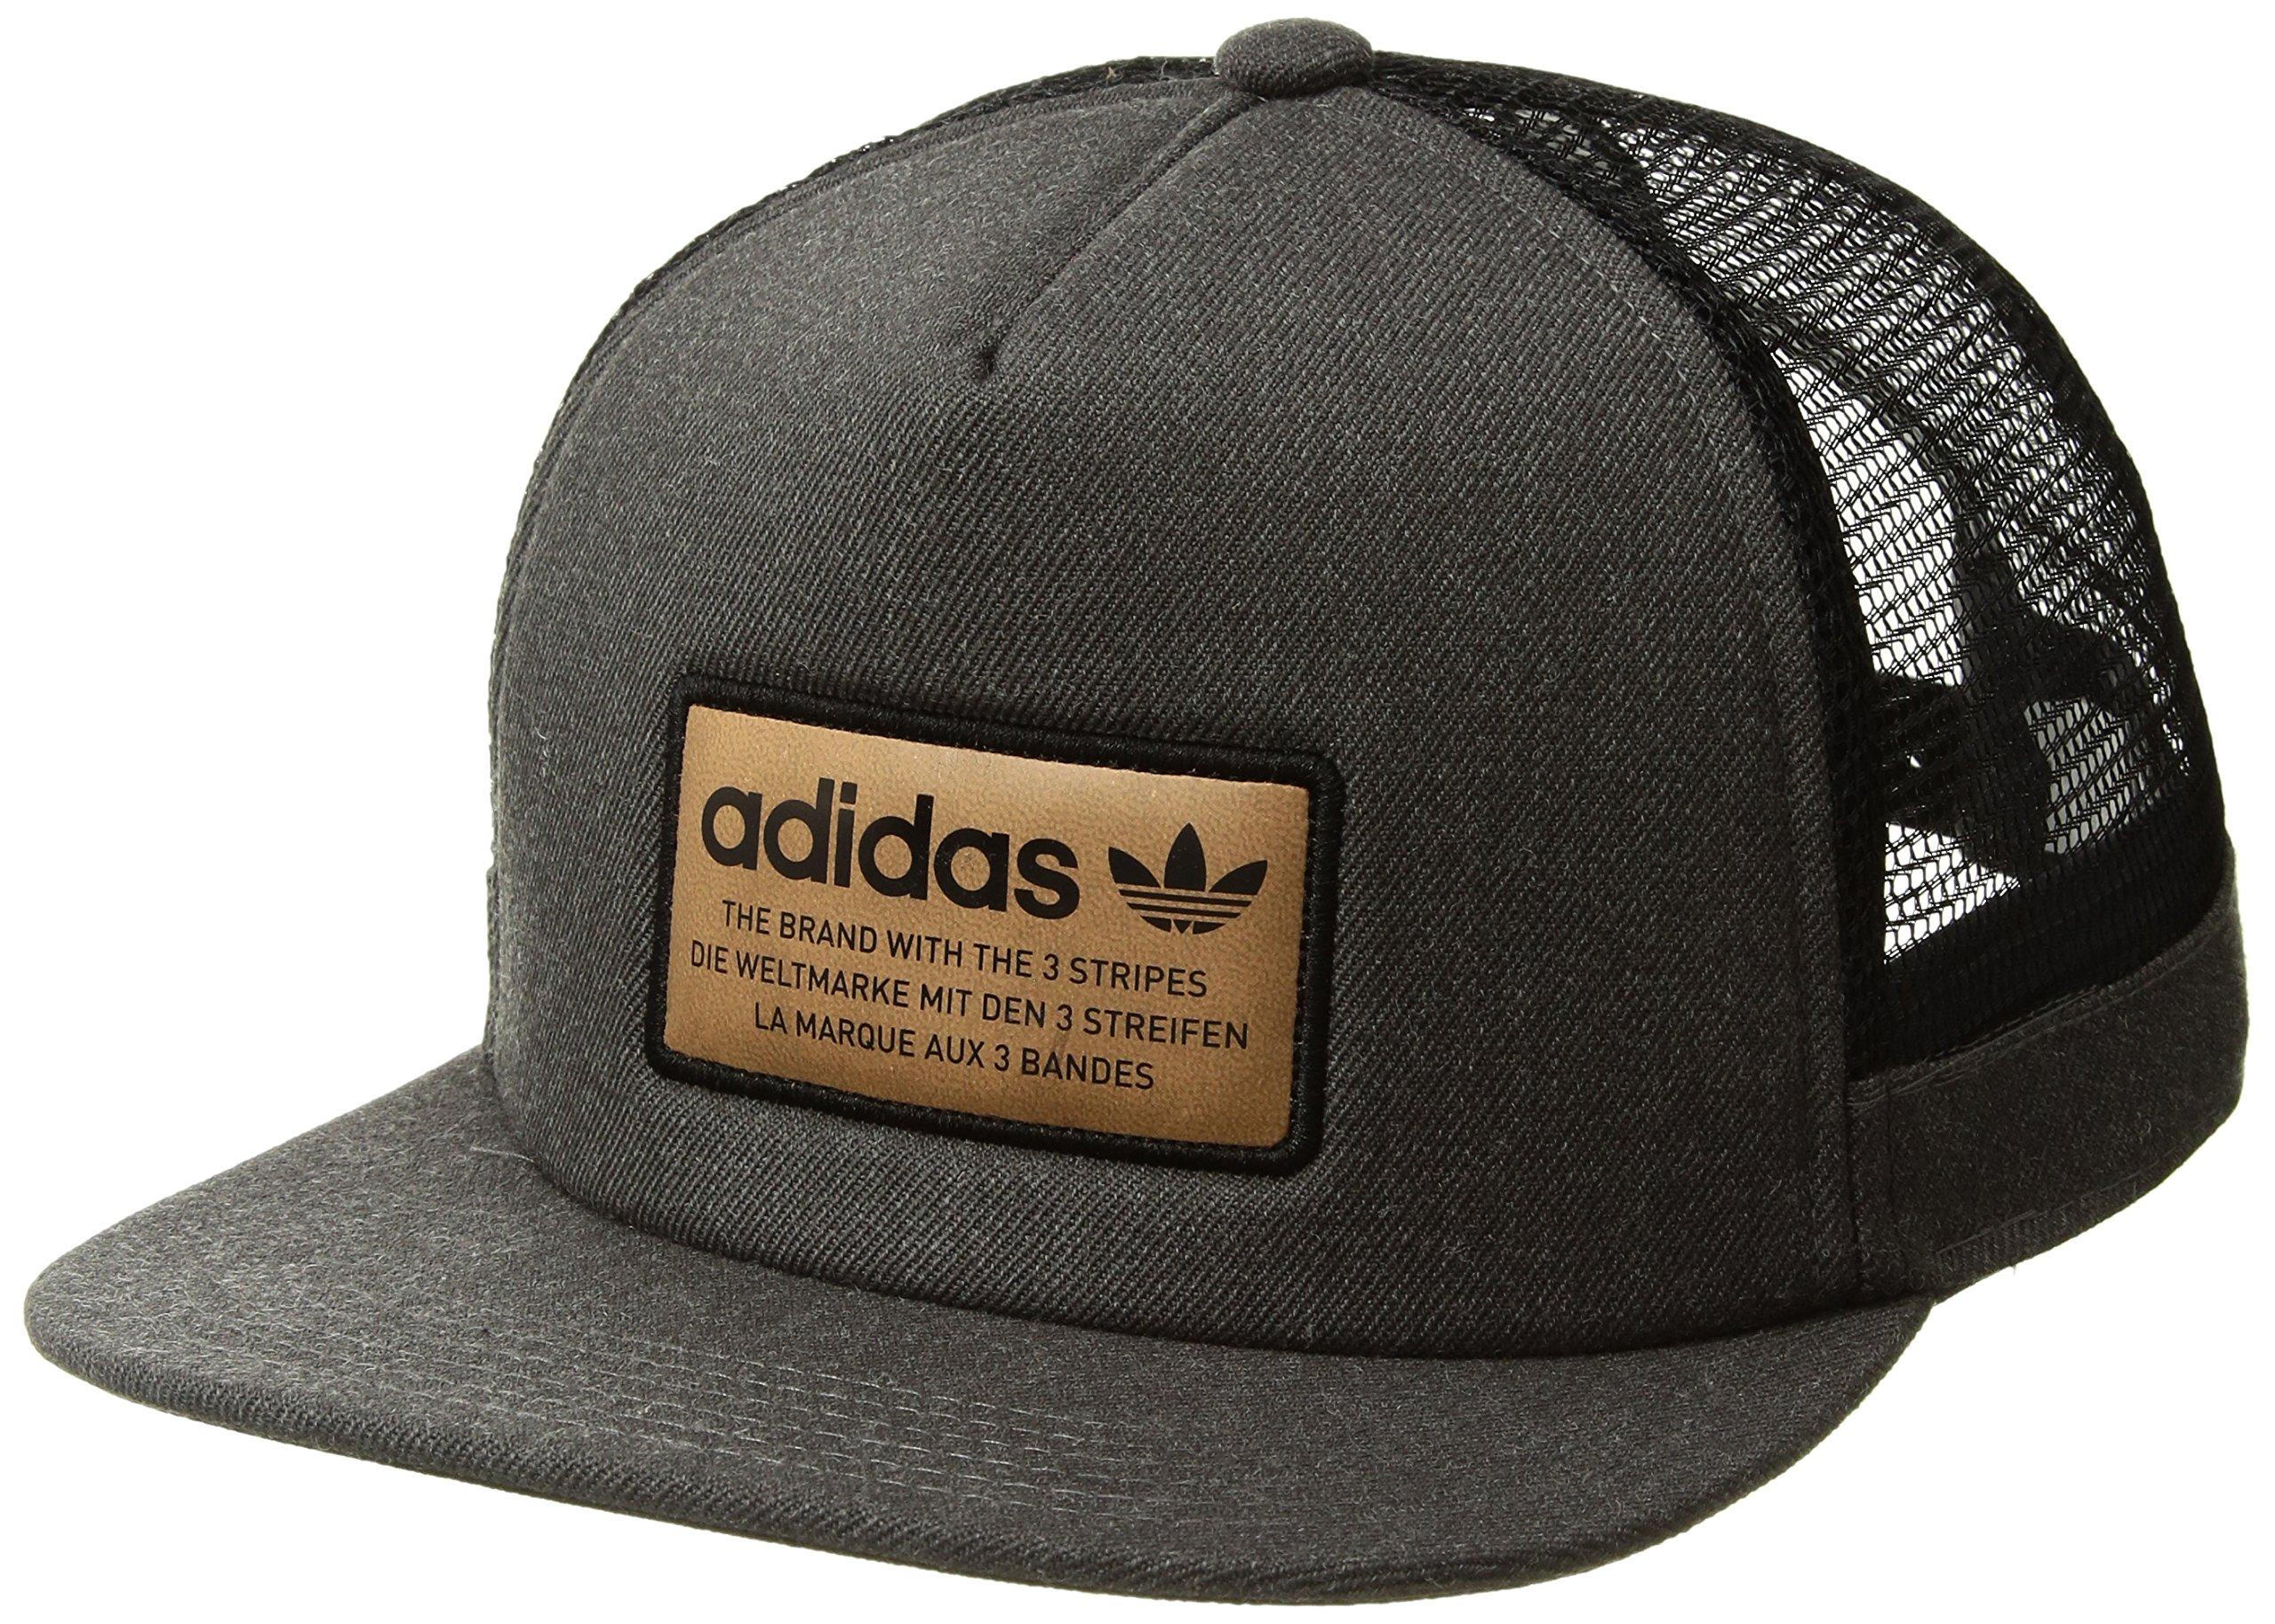 60fce572d6632e Galleon - Adidas Men's Originals Patch Trucker Structured Cap, Dark Heather  Grey/Black/Leather, One Size